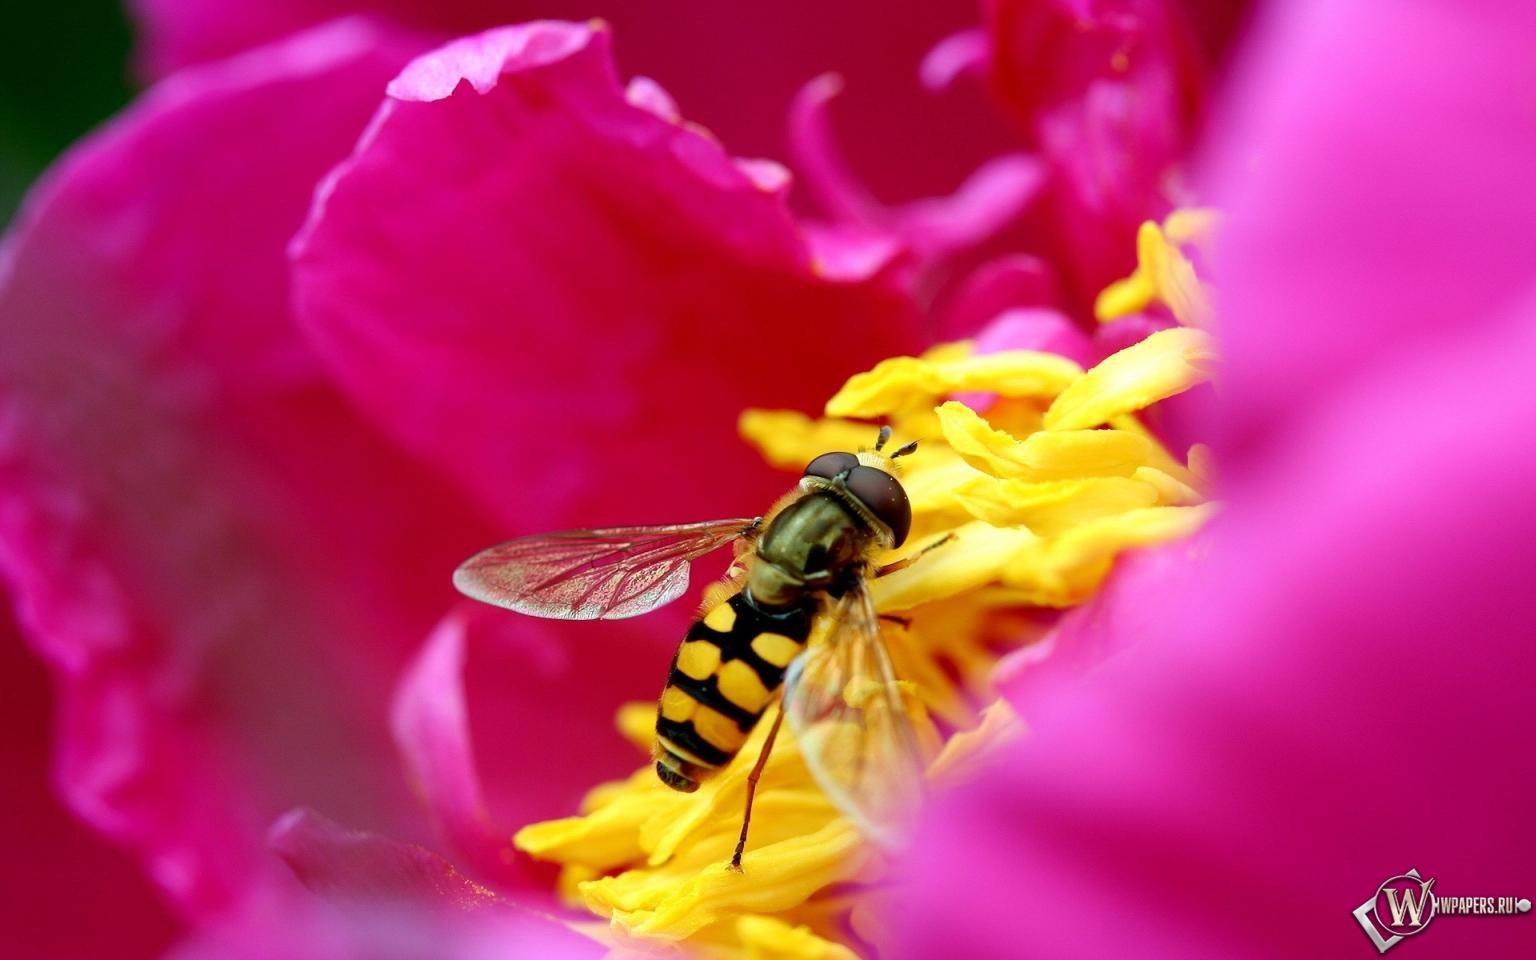 Пчела на цветке 1536x960